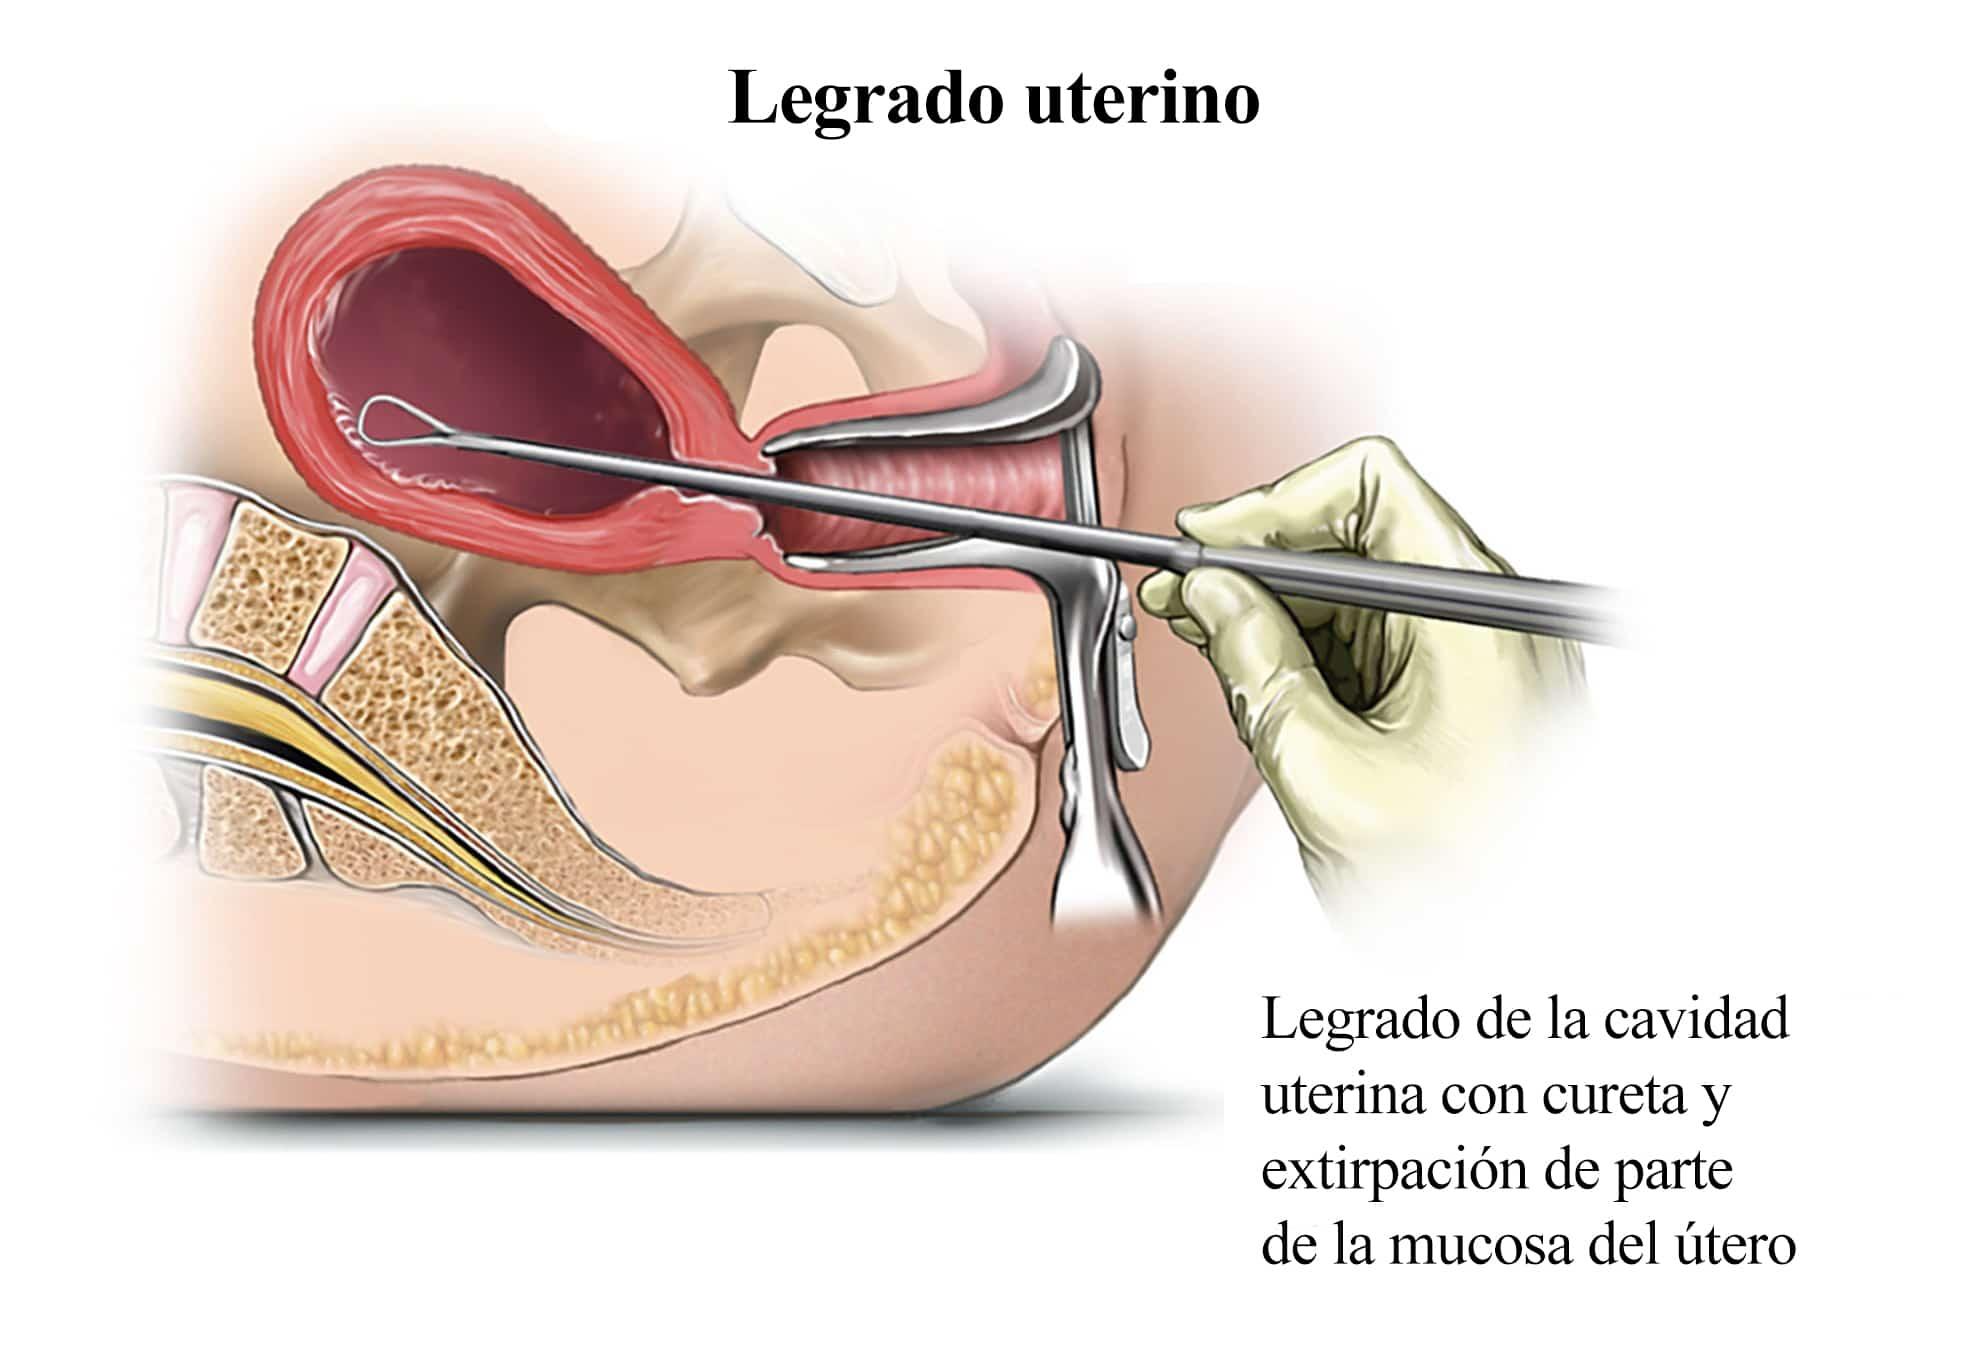 legrado-uterino_es